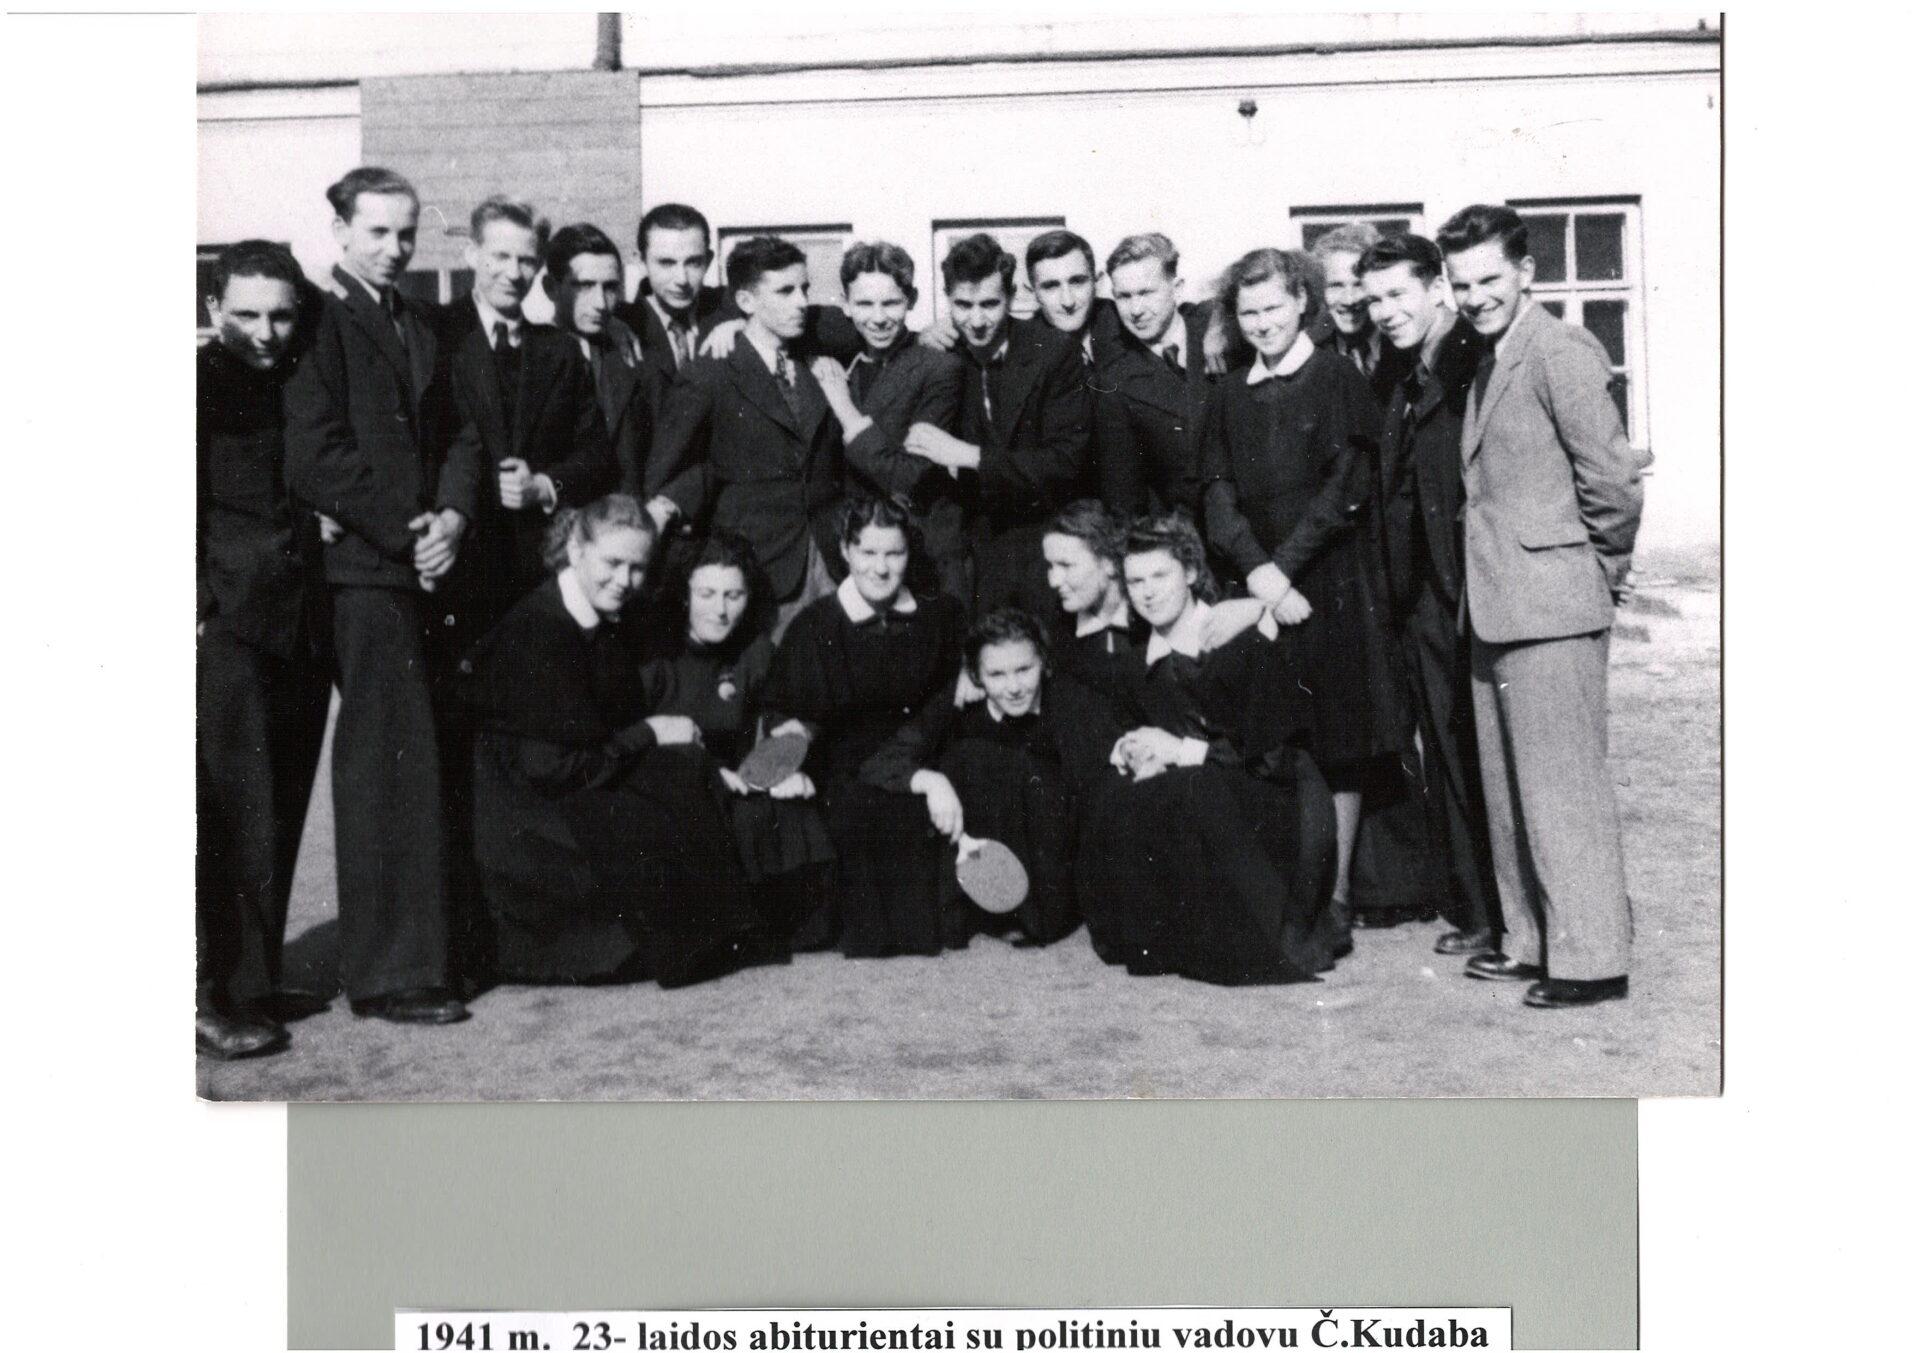 1941 m. su politiniu vadovu Č.Kudaba